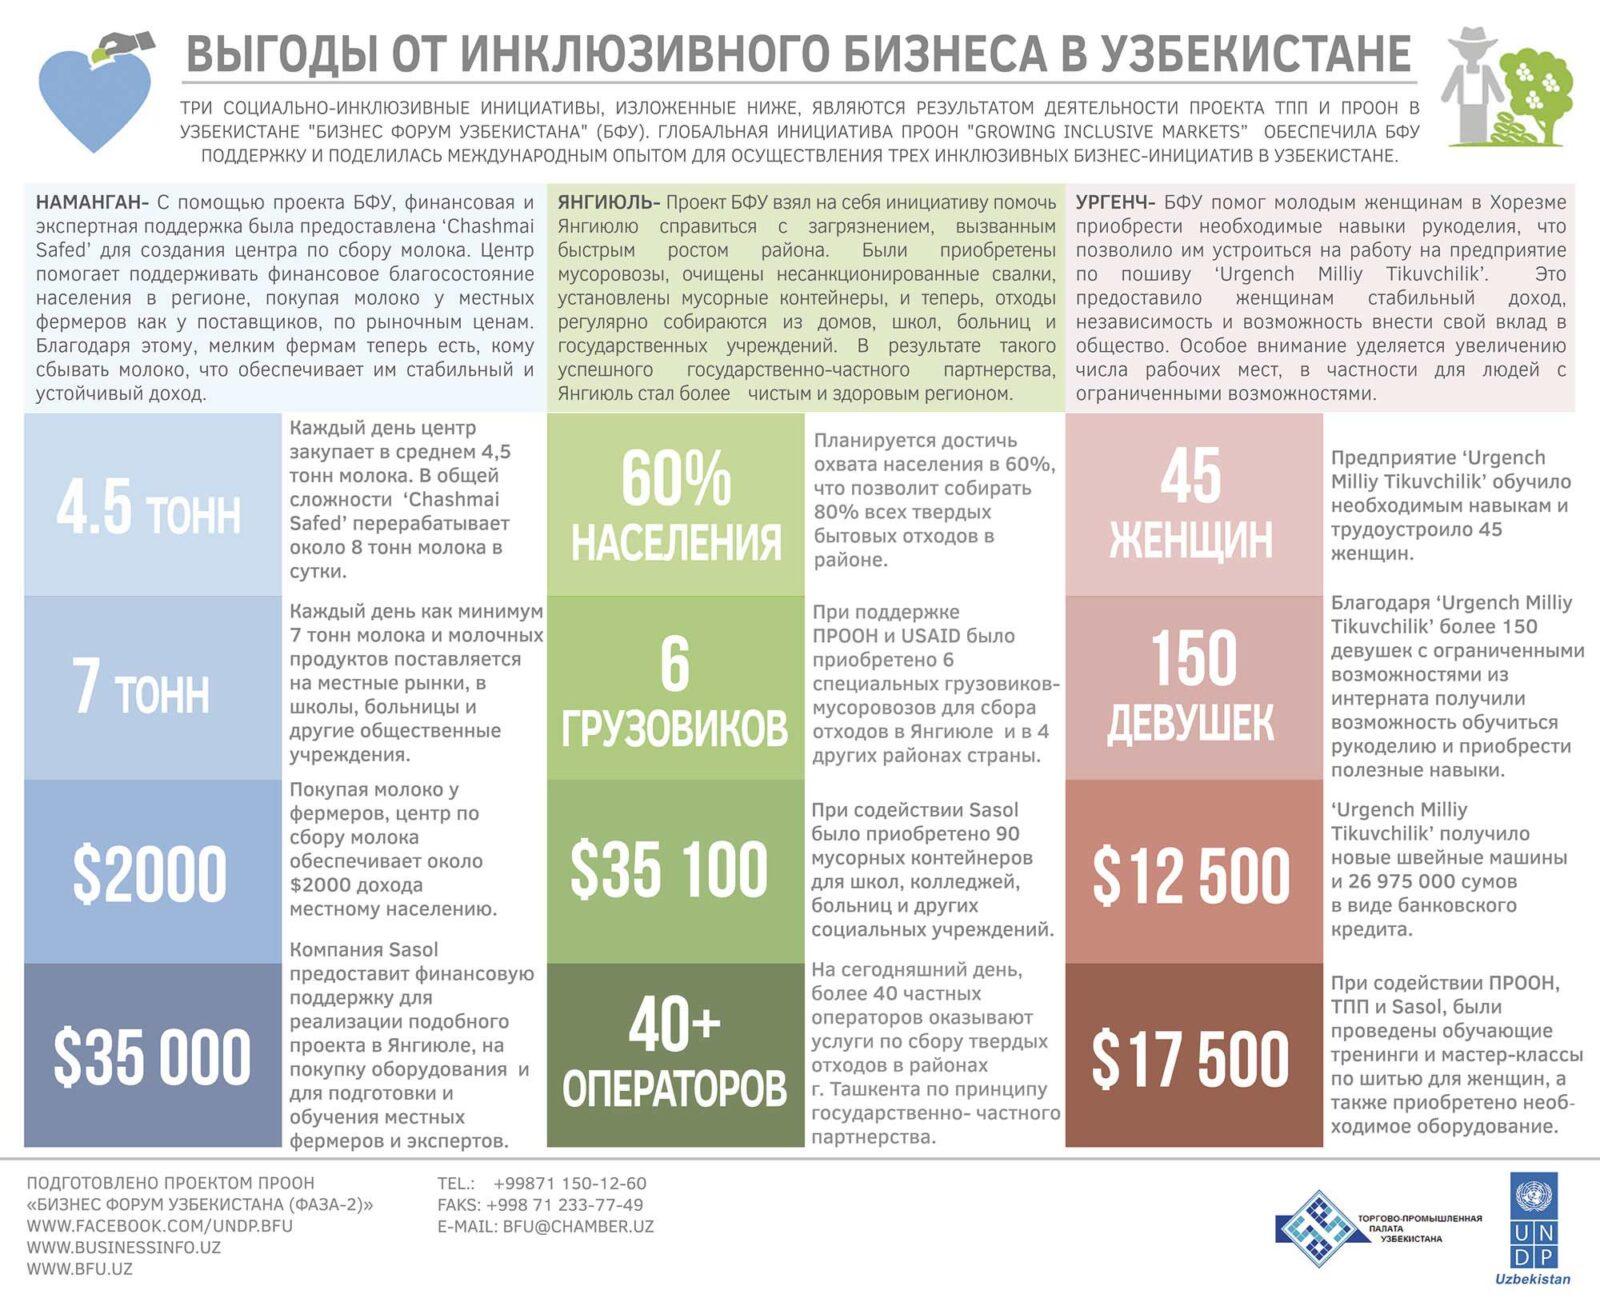 Инклюзивный бизнес в Узбекистане: возможность